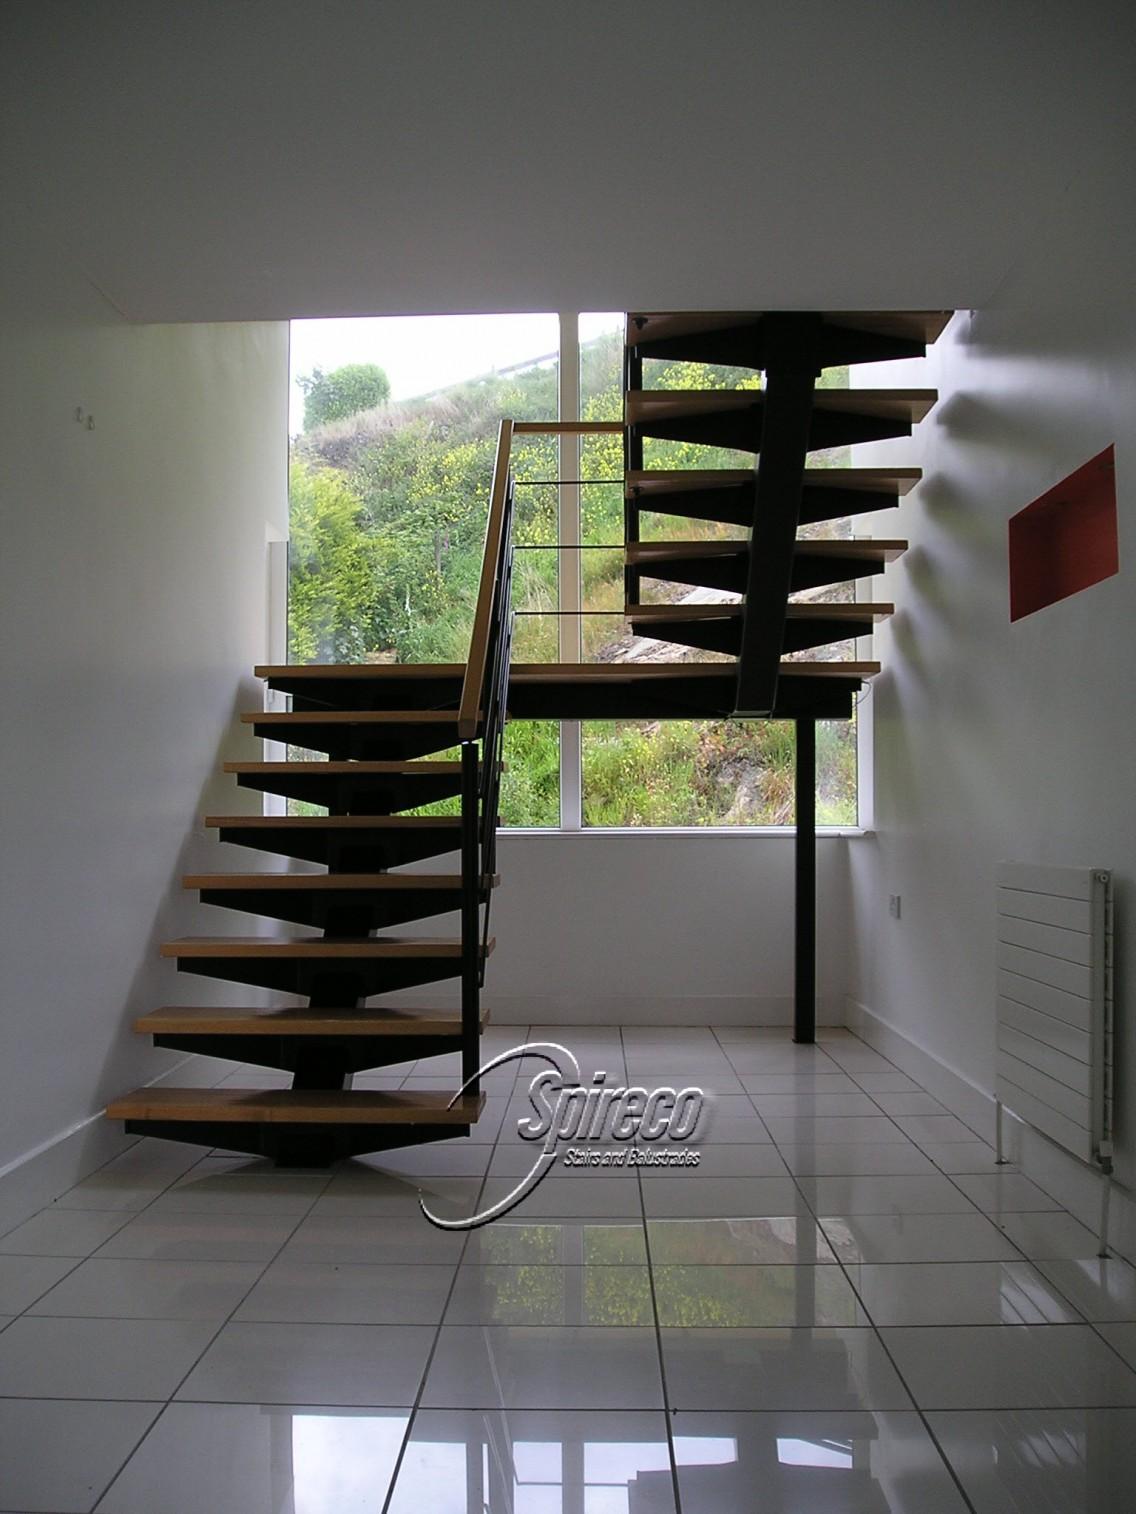 Redrock Bat Wing Stairs